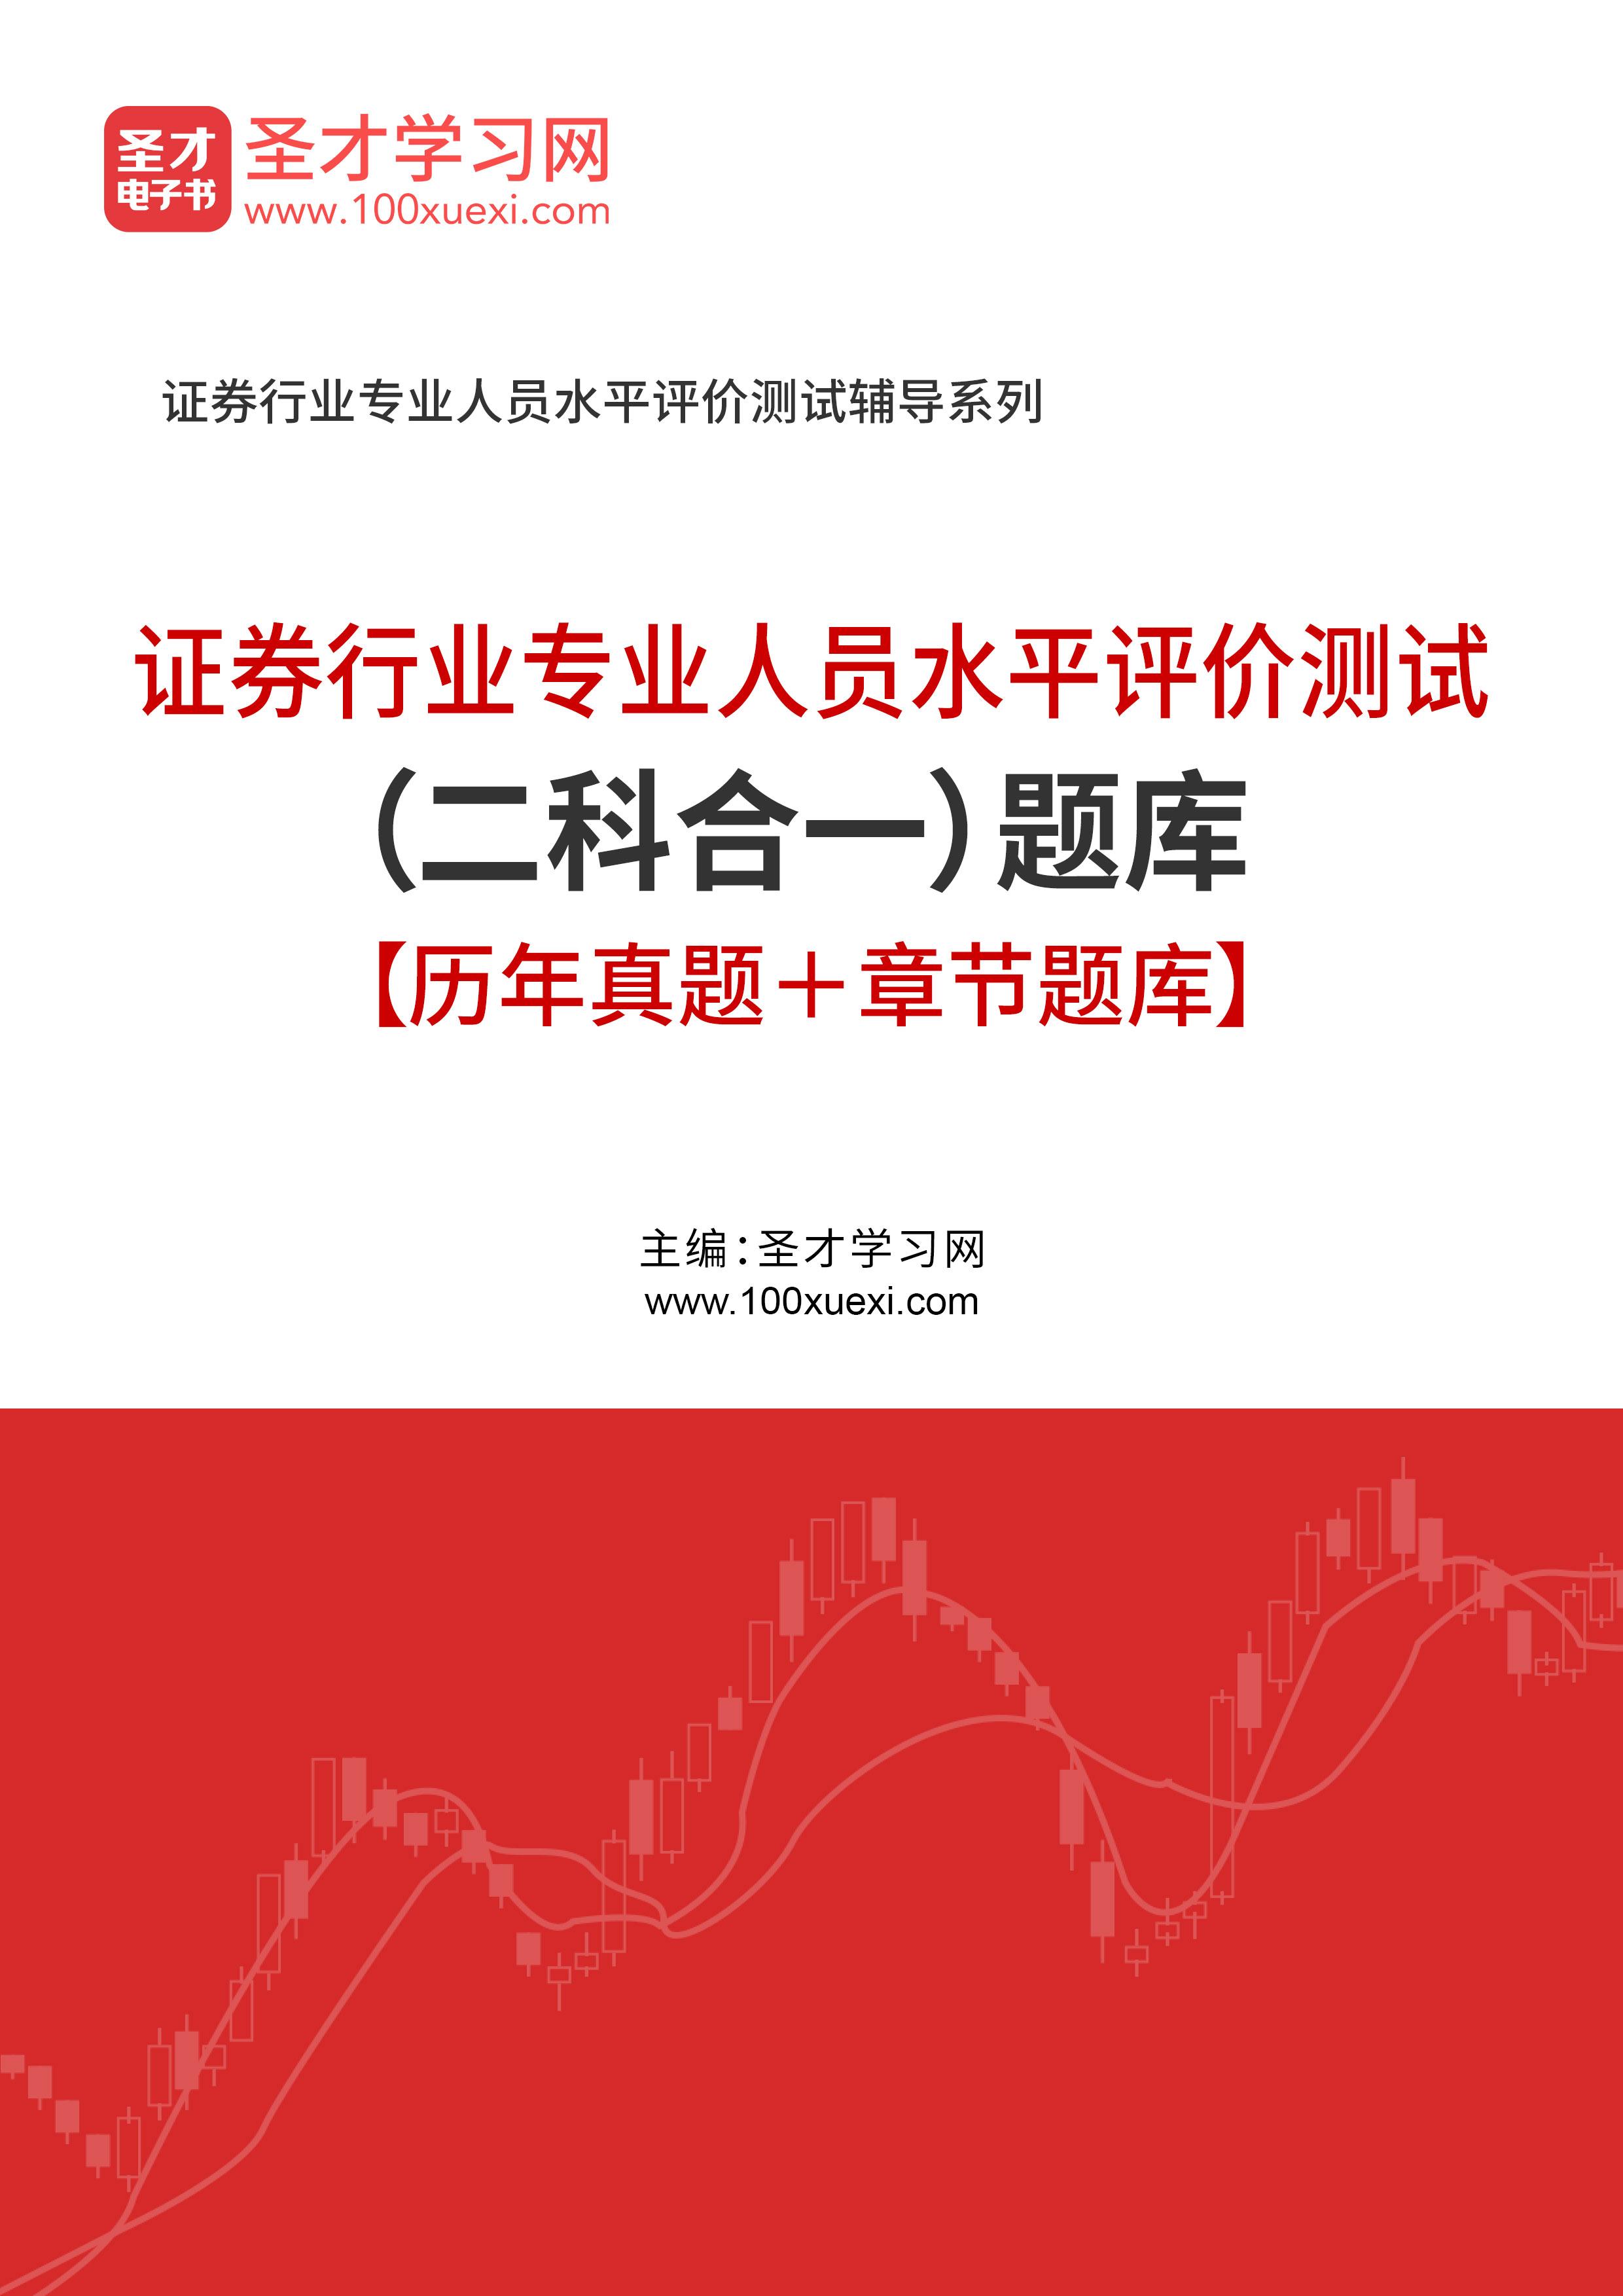 2021年證券從業資格考試(二科合一)題庫【歷年真題+章節題庫】